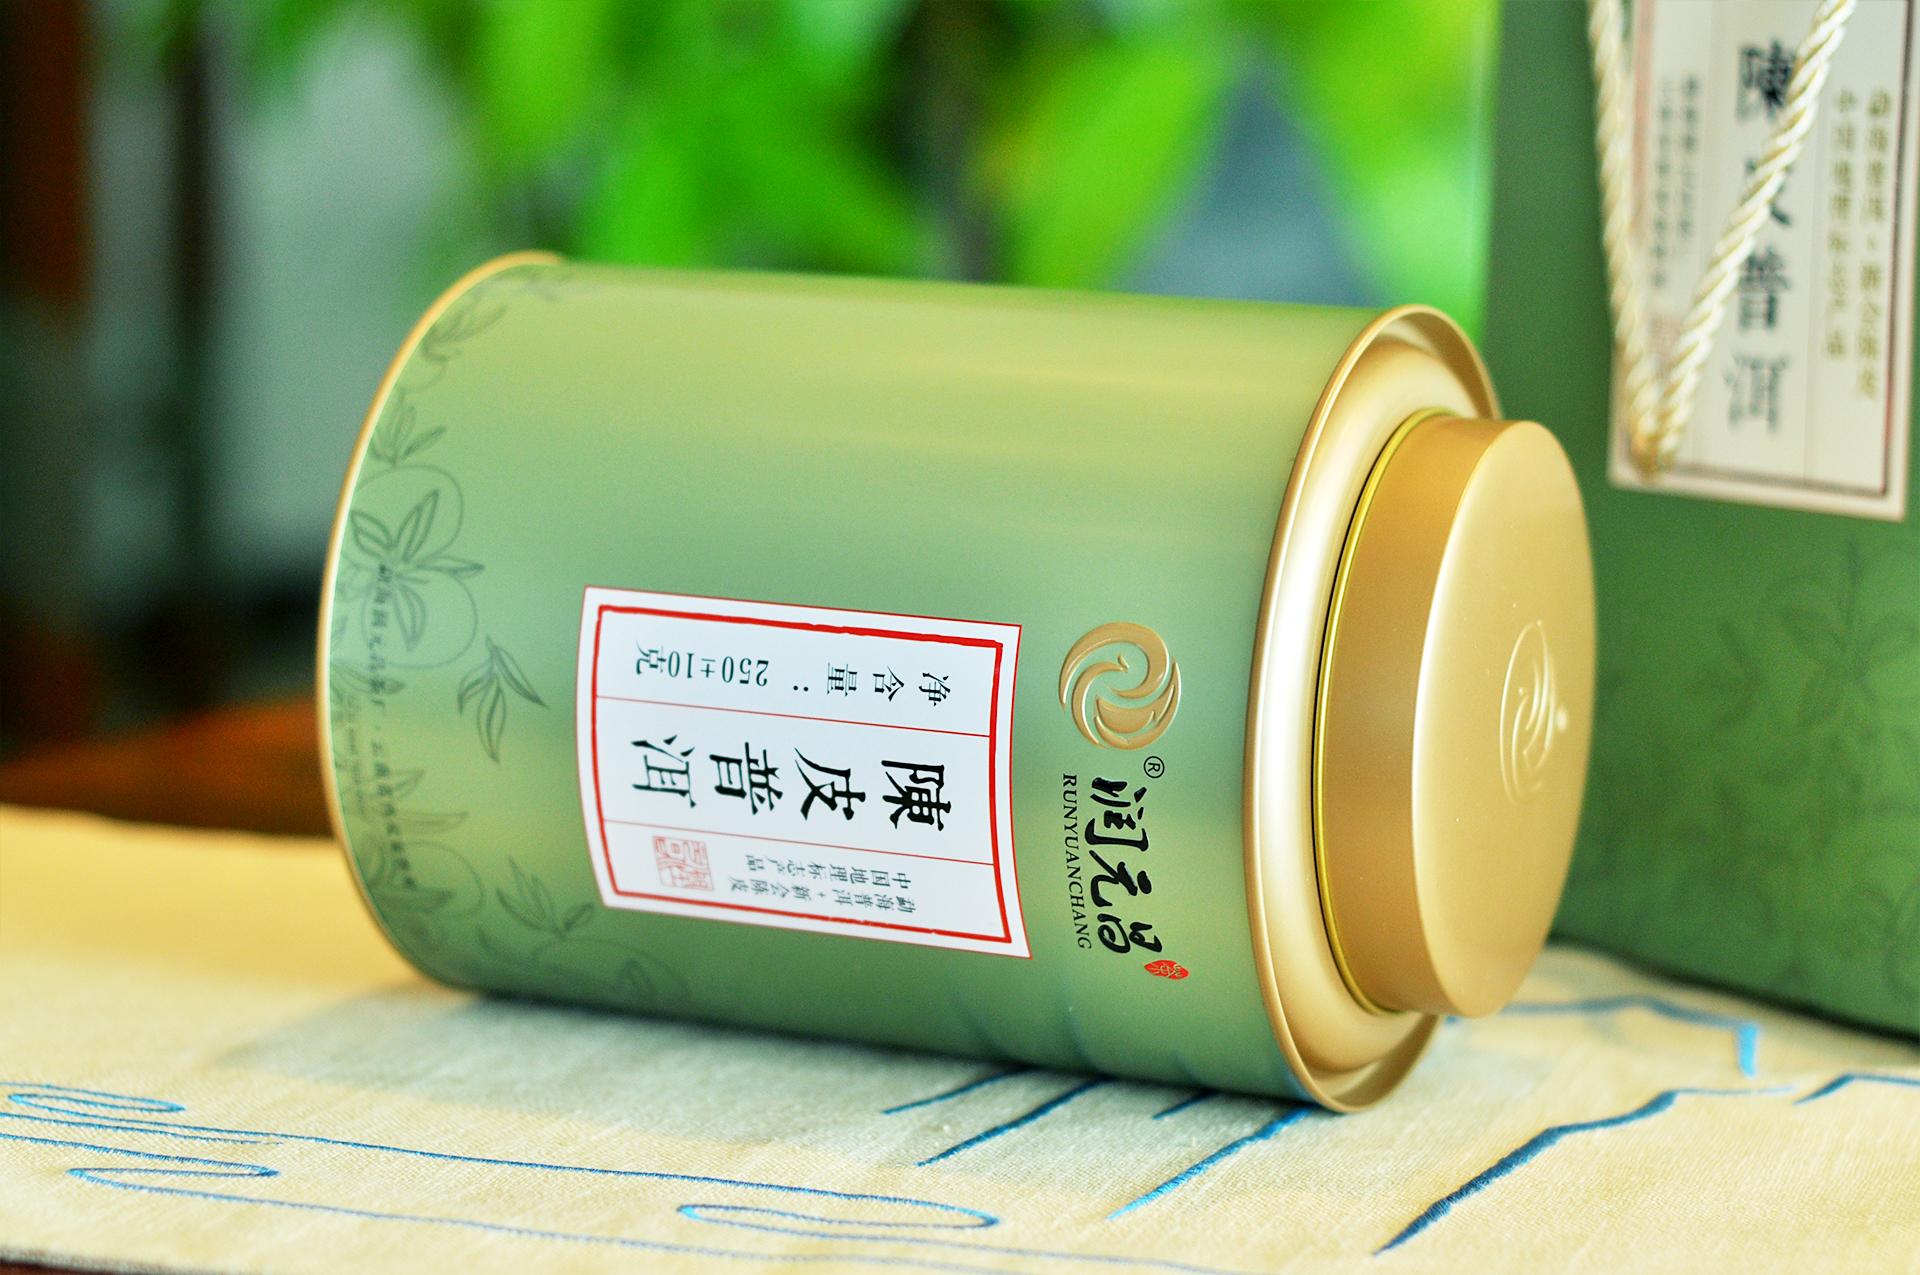 润元昌2016陈皮普洱-250克小青柑绿色版2